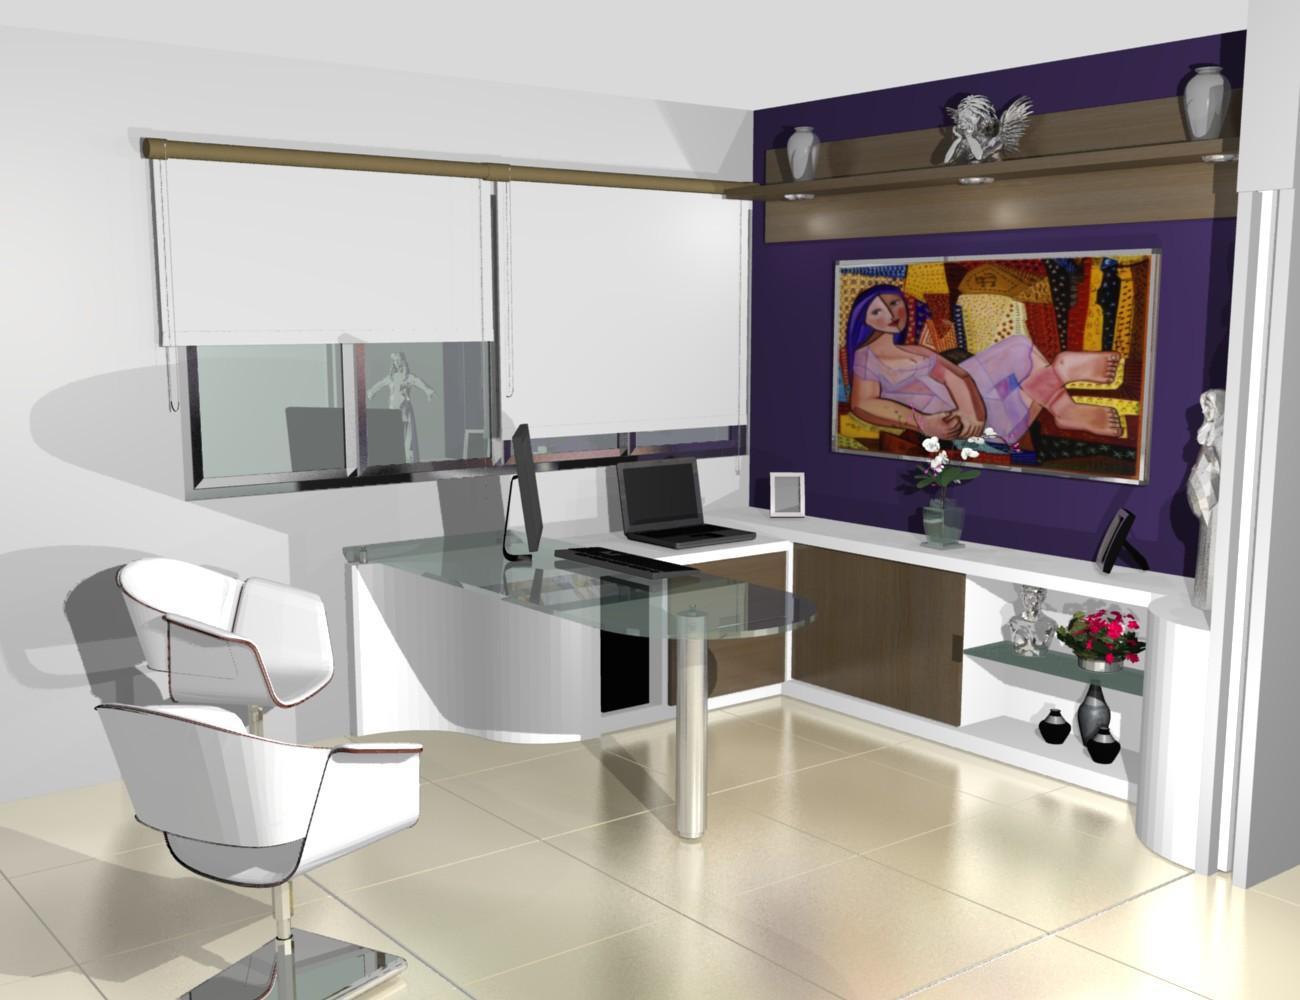 Design interiores design moveis planejados design sala for Sala design moderno